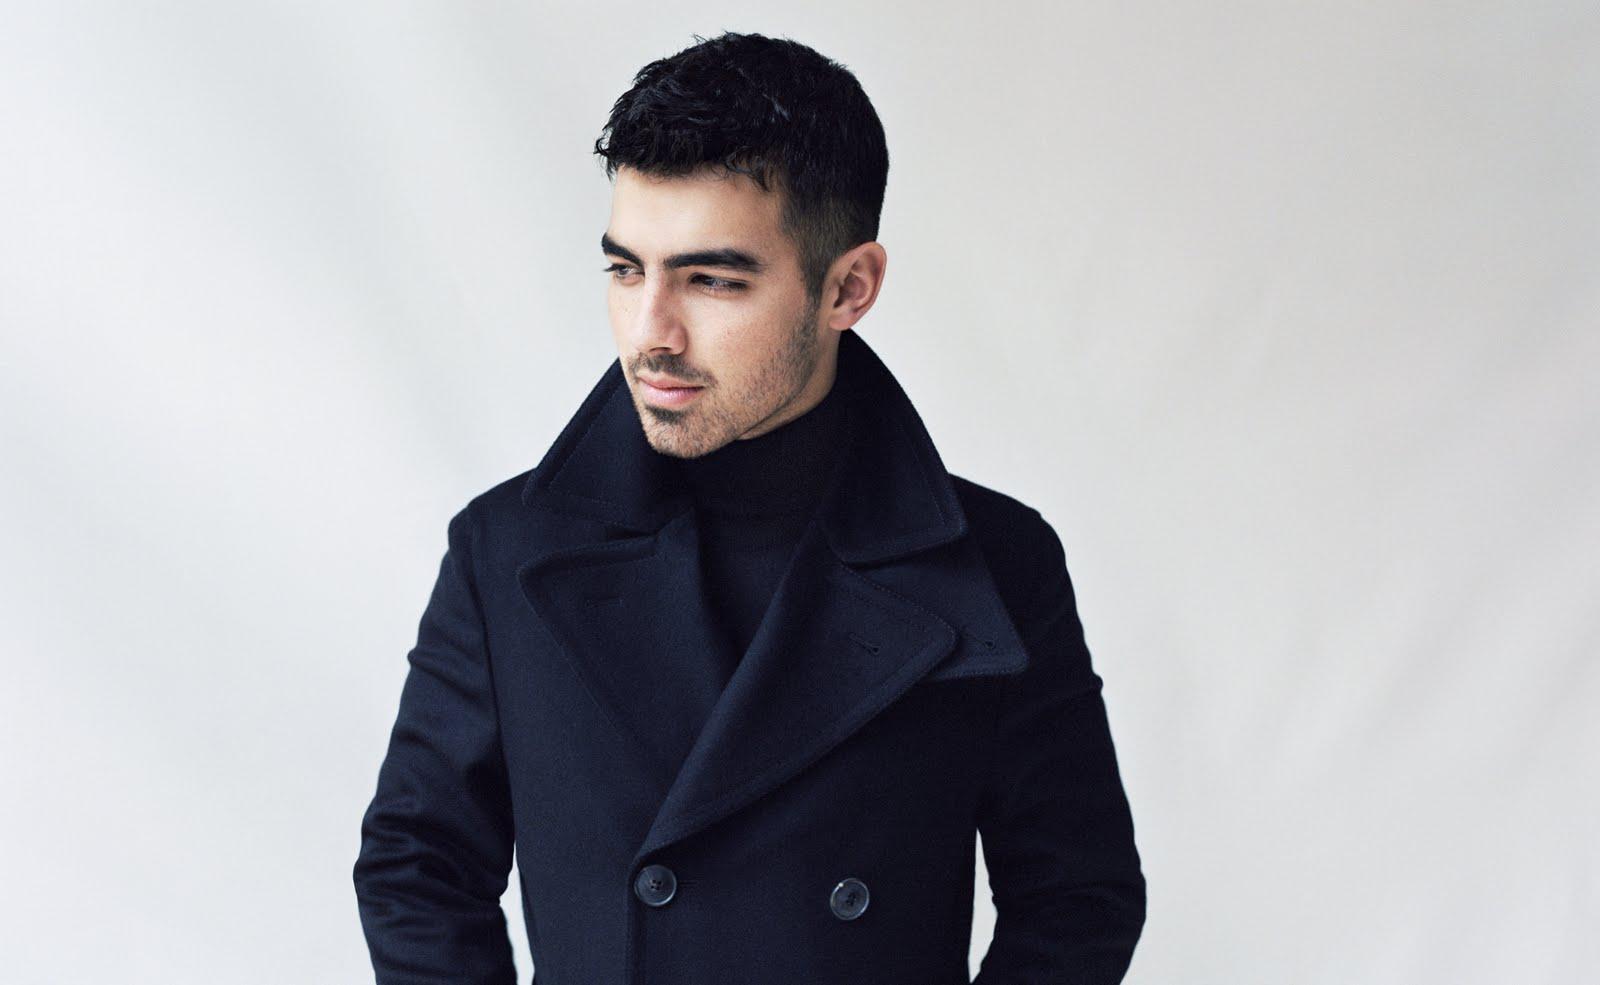 Joe Jonas habla sobre masoquismo, sus fans homosexuales y mucho más